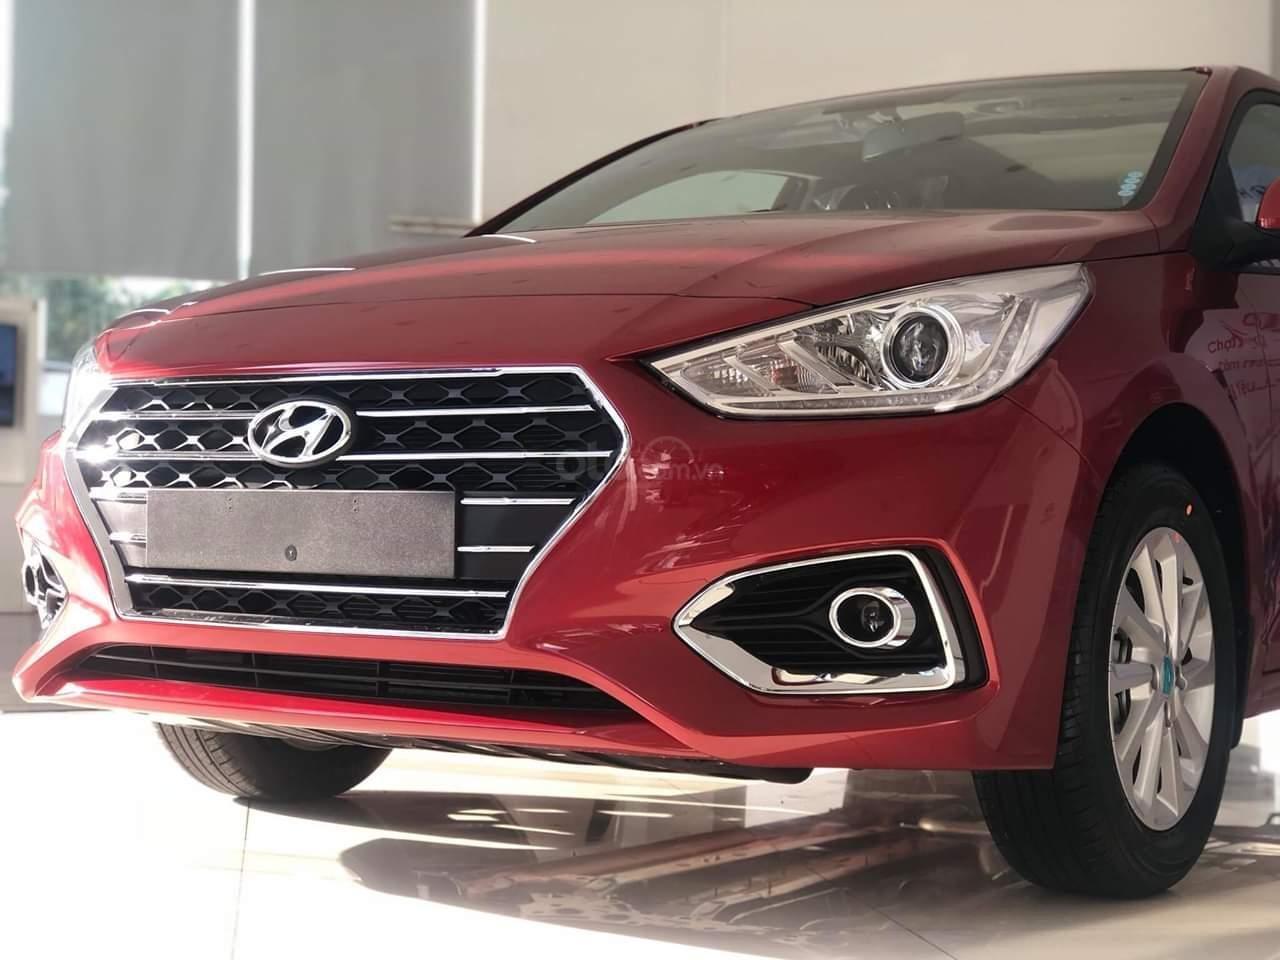 Hyundai Accent giao ngay trước tết, hỗ trợ trả trước 150tr nhận xe, lãi suất trả góp từ 0.66%, lh 0907 321 001-1